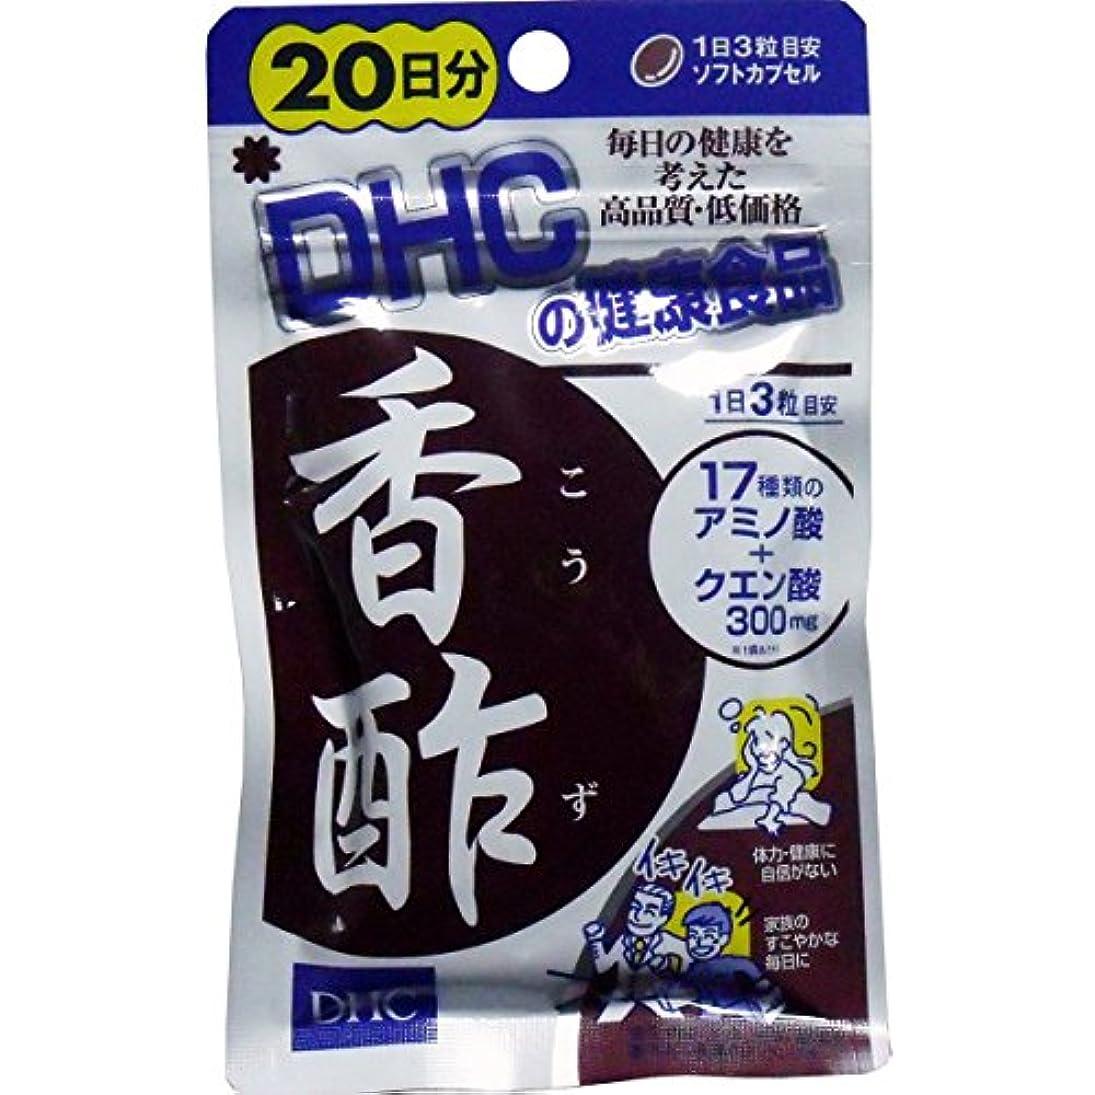 収縮クルー迷彩DHC 香酢 20日分 60粒入「4点セット」